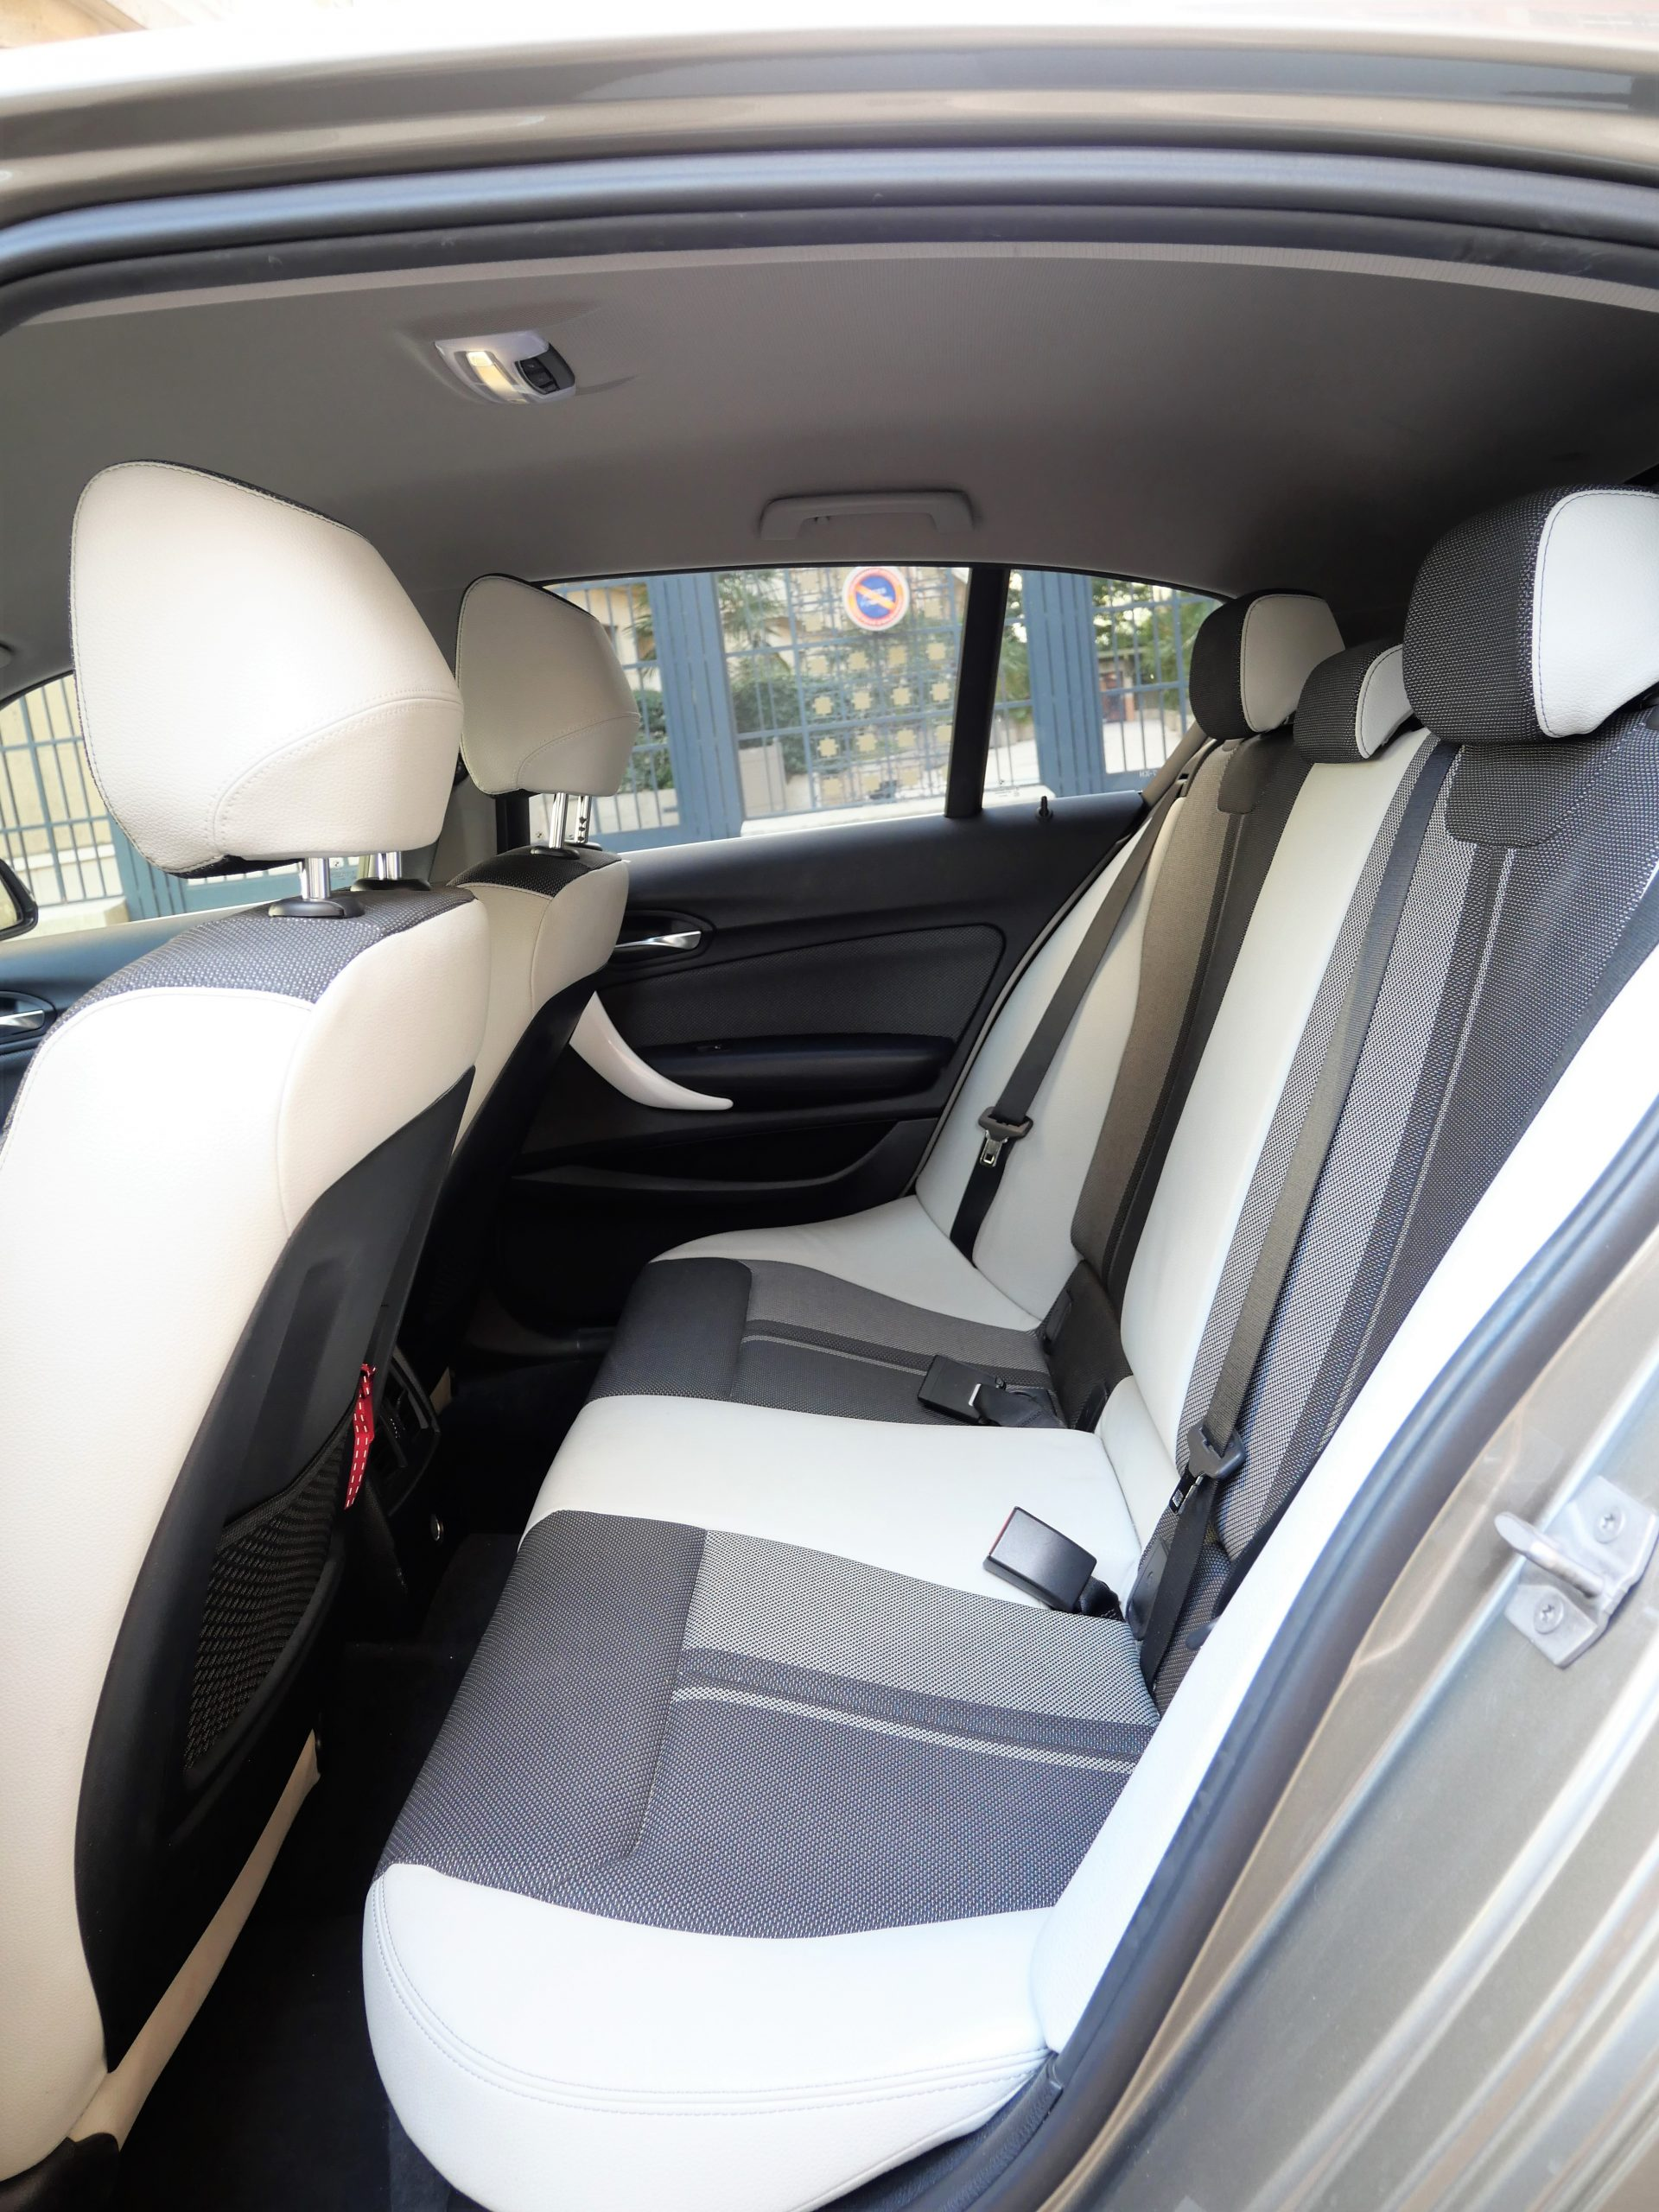 BMW Série 1 (F20) XDrive LCI 120d 2.0 d 190ch 11